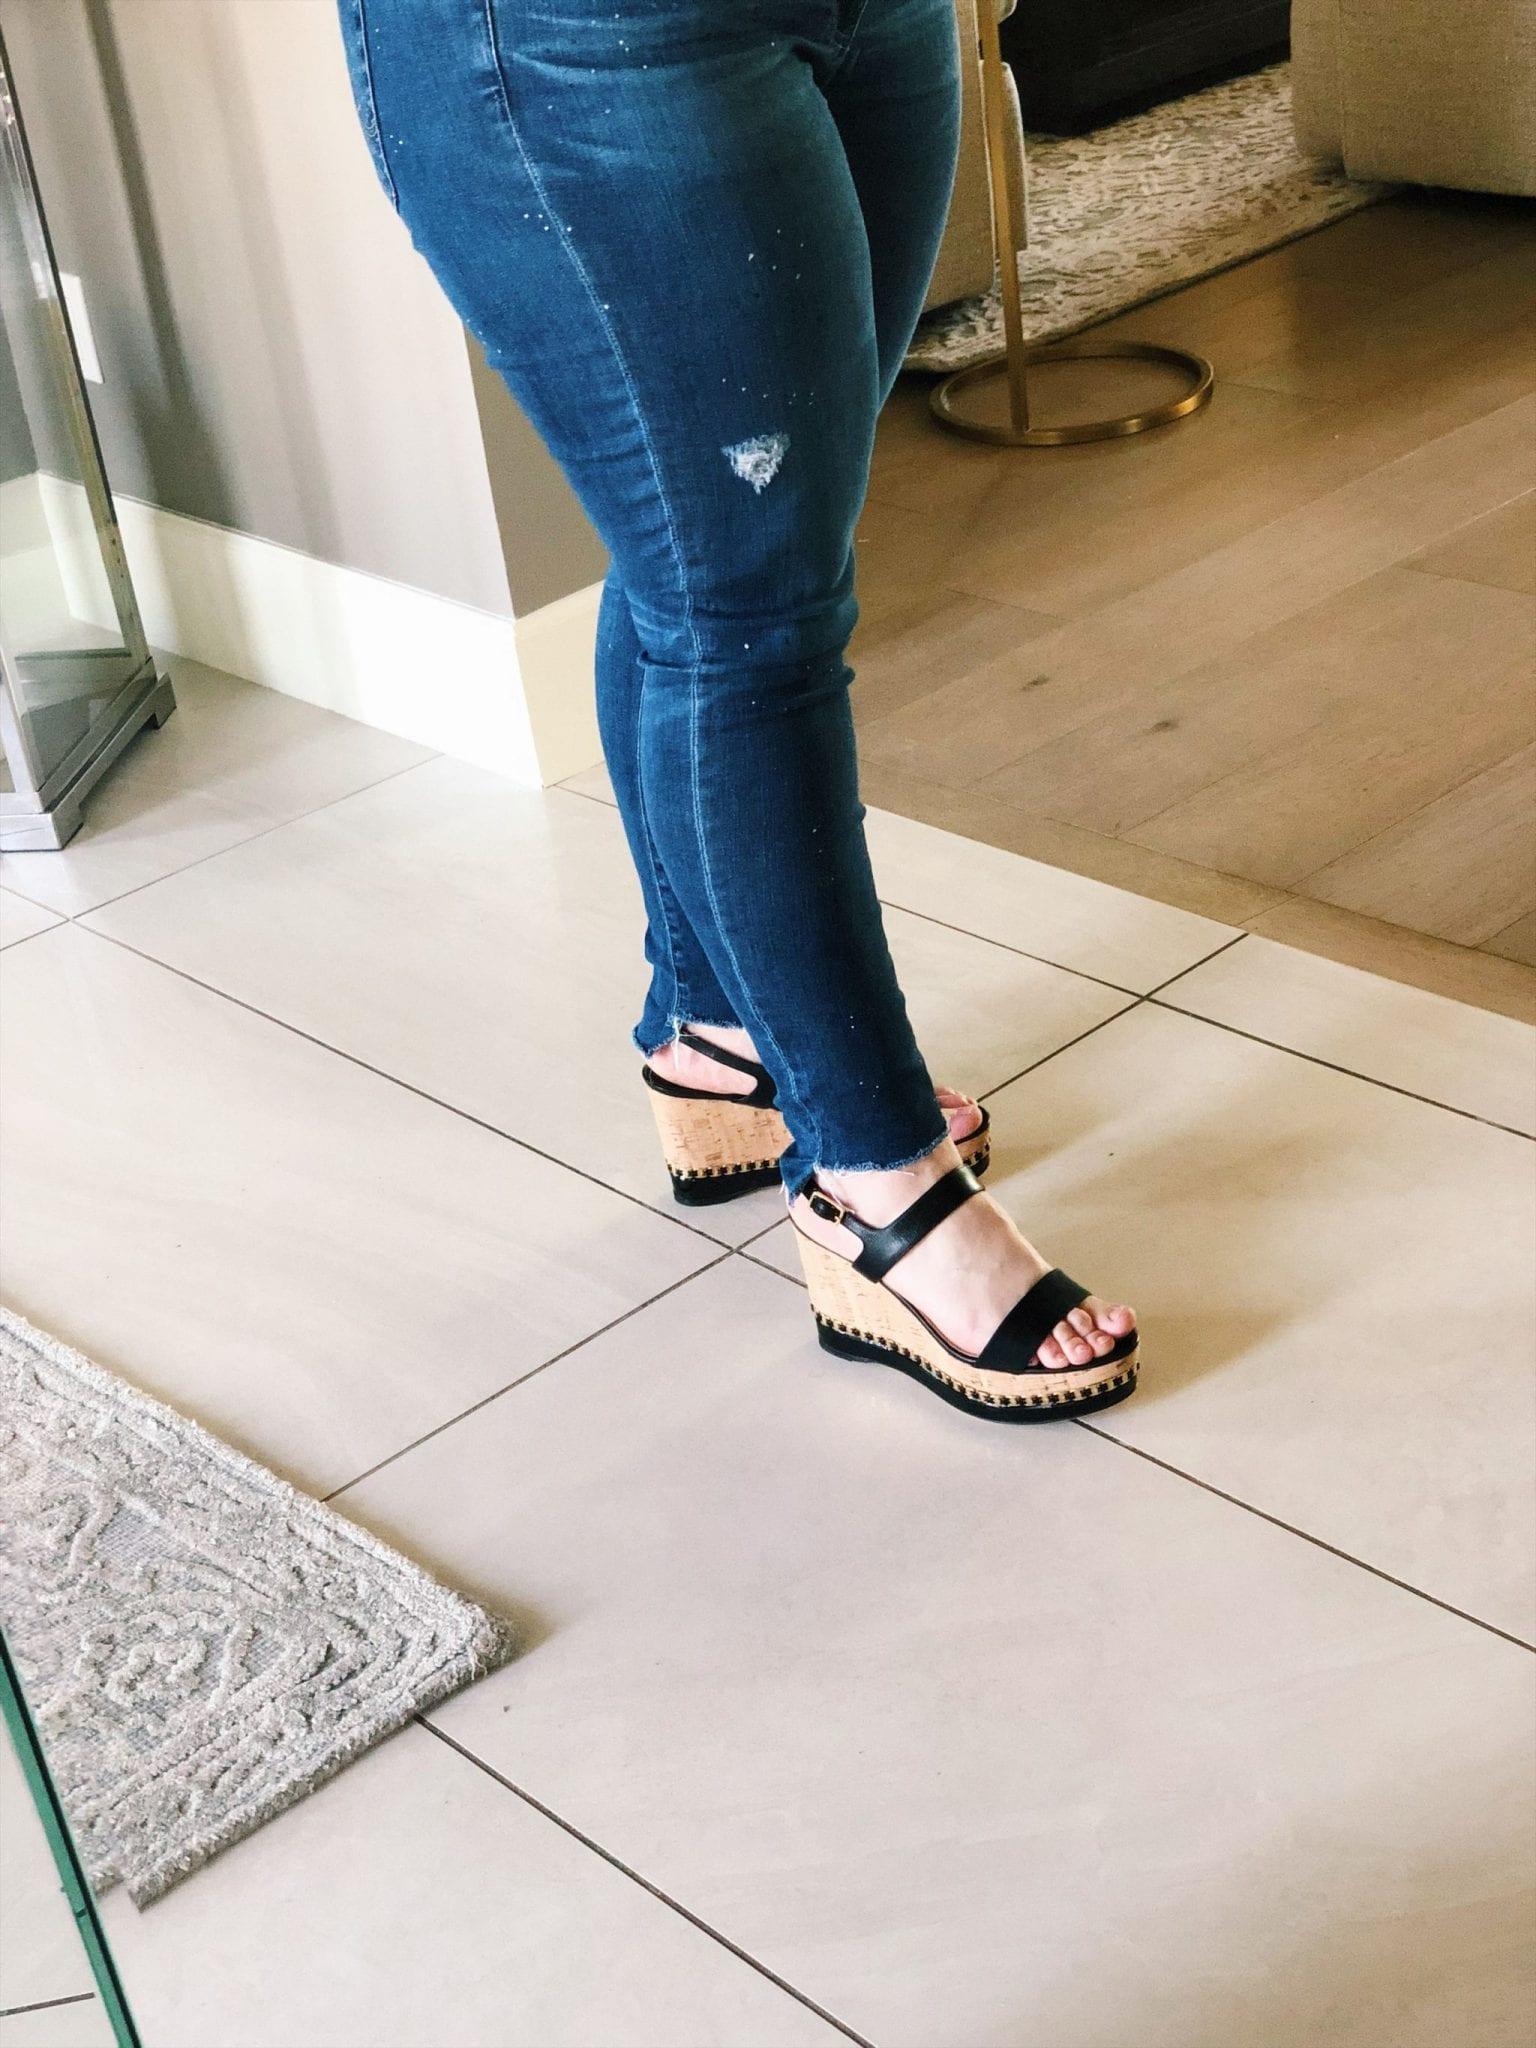 Salvatore Ferragamo Mollie Chain-Trim Wedge Sandal, platform wedge sandals